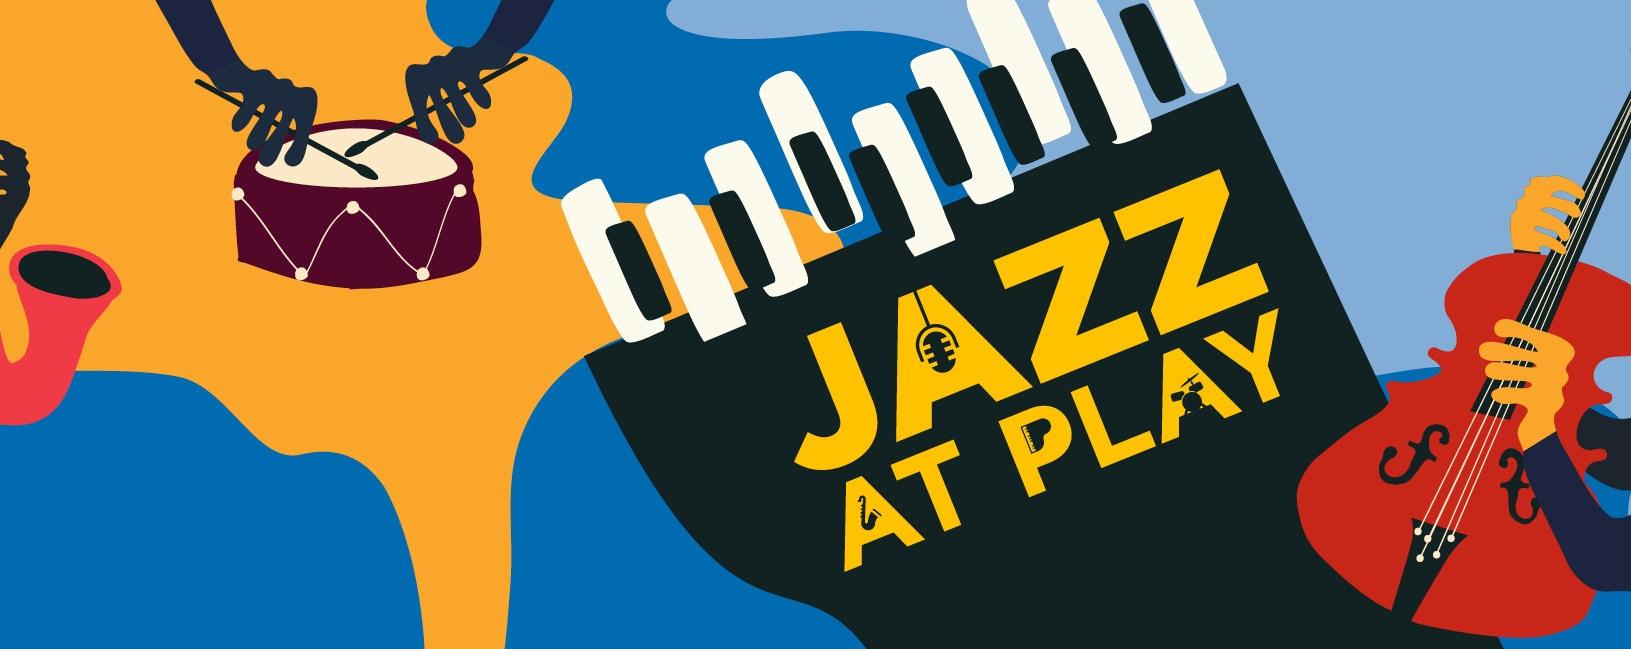 Jazz at Play: 7 Songs at Christmas